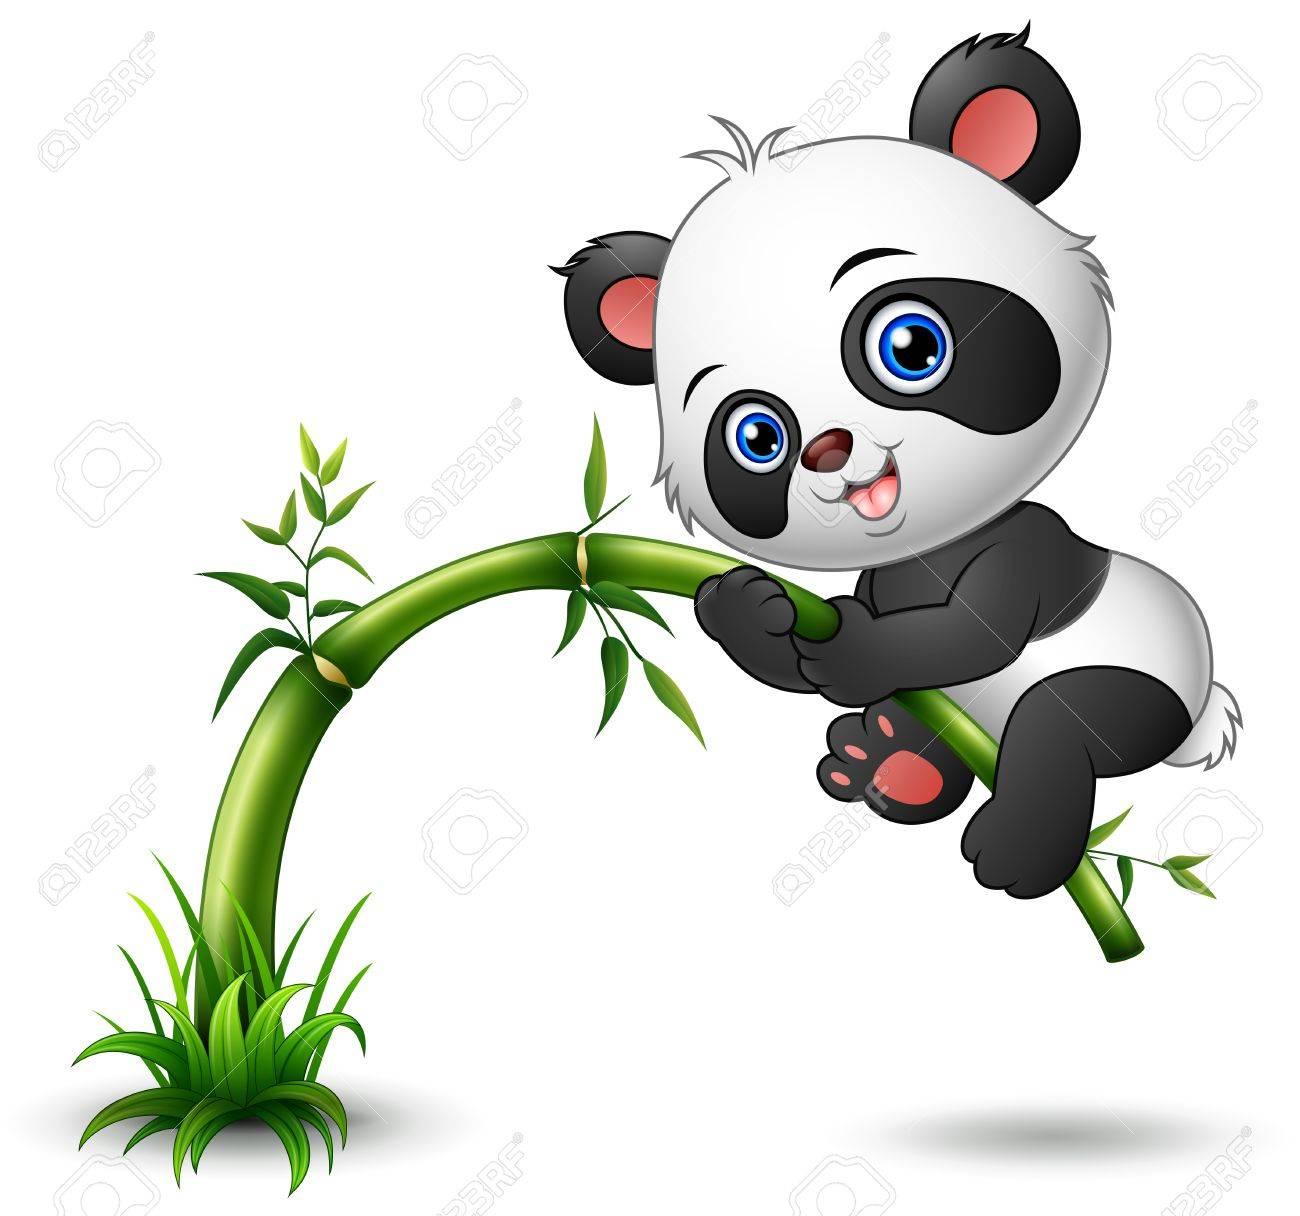 かわいい赤ちゃんパンダ木登り竹のイラスト素材ベクタ Image 65487011